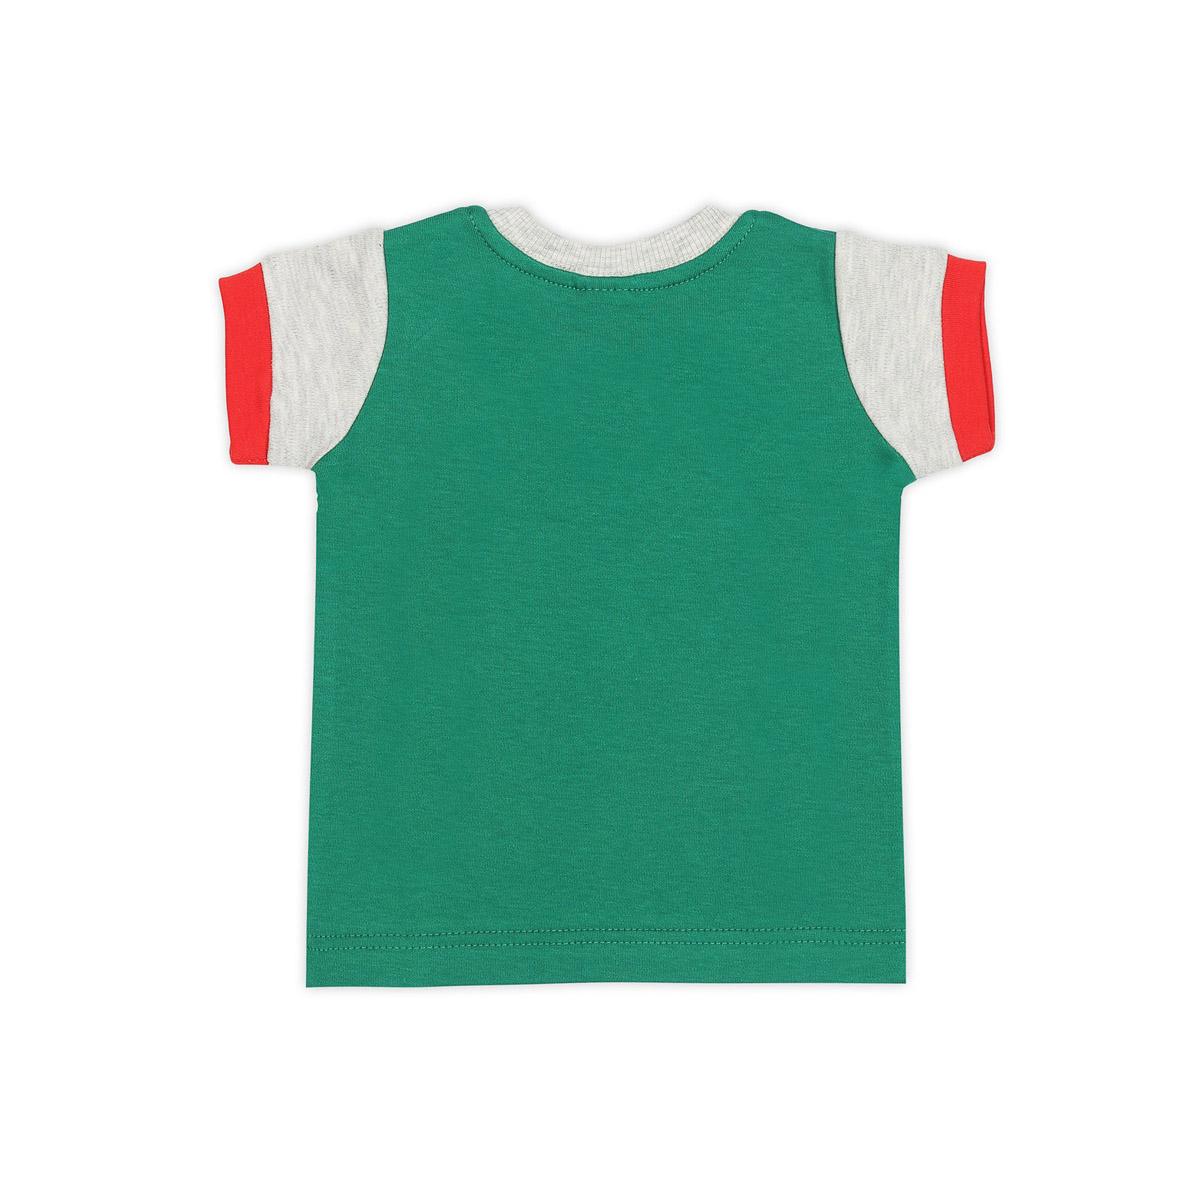 Футболка Ёмаё Хохлома (27-636) рост 74 светло серый меланж с зеленым